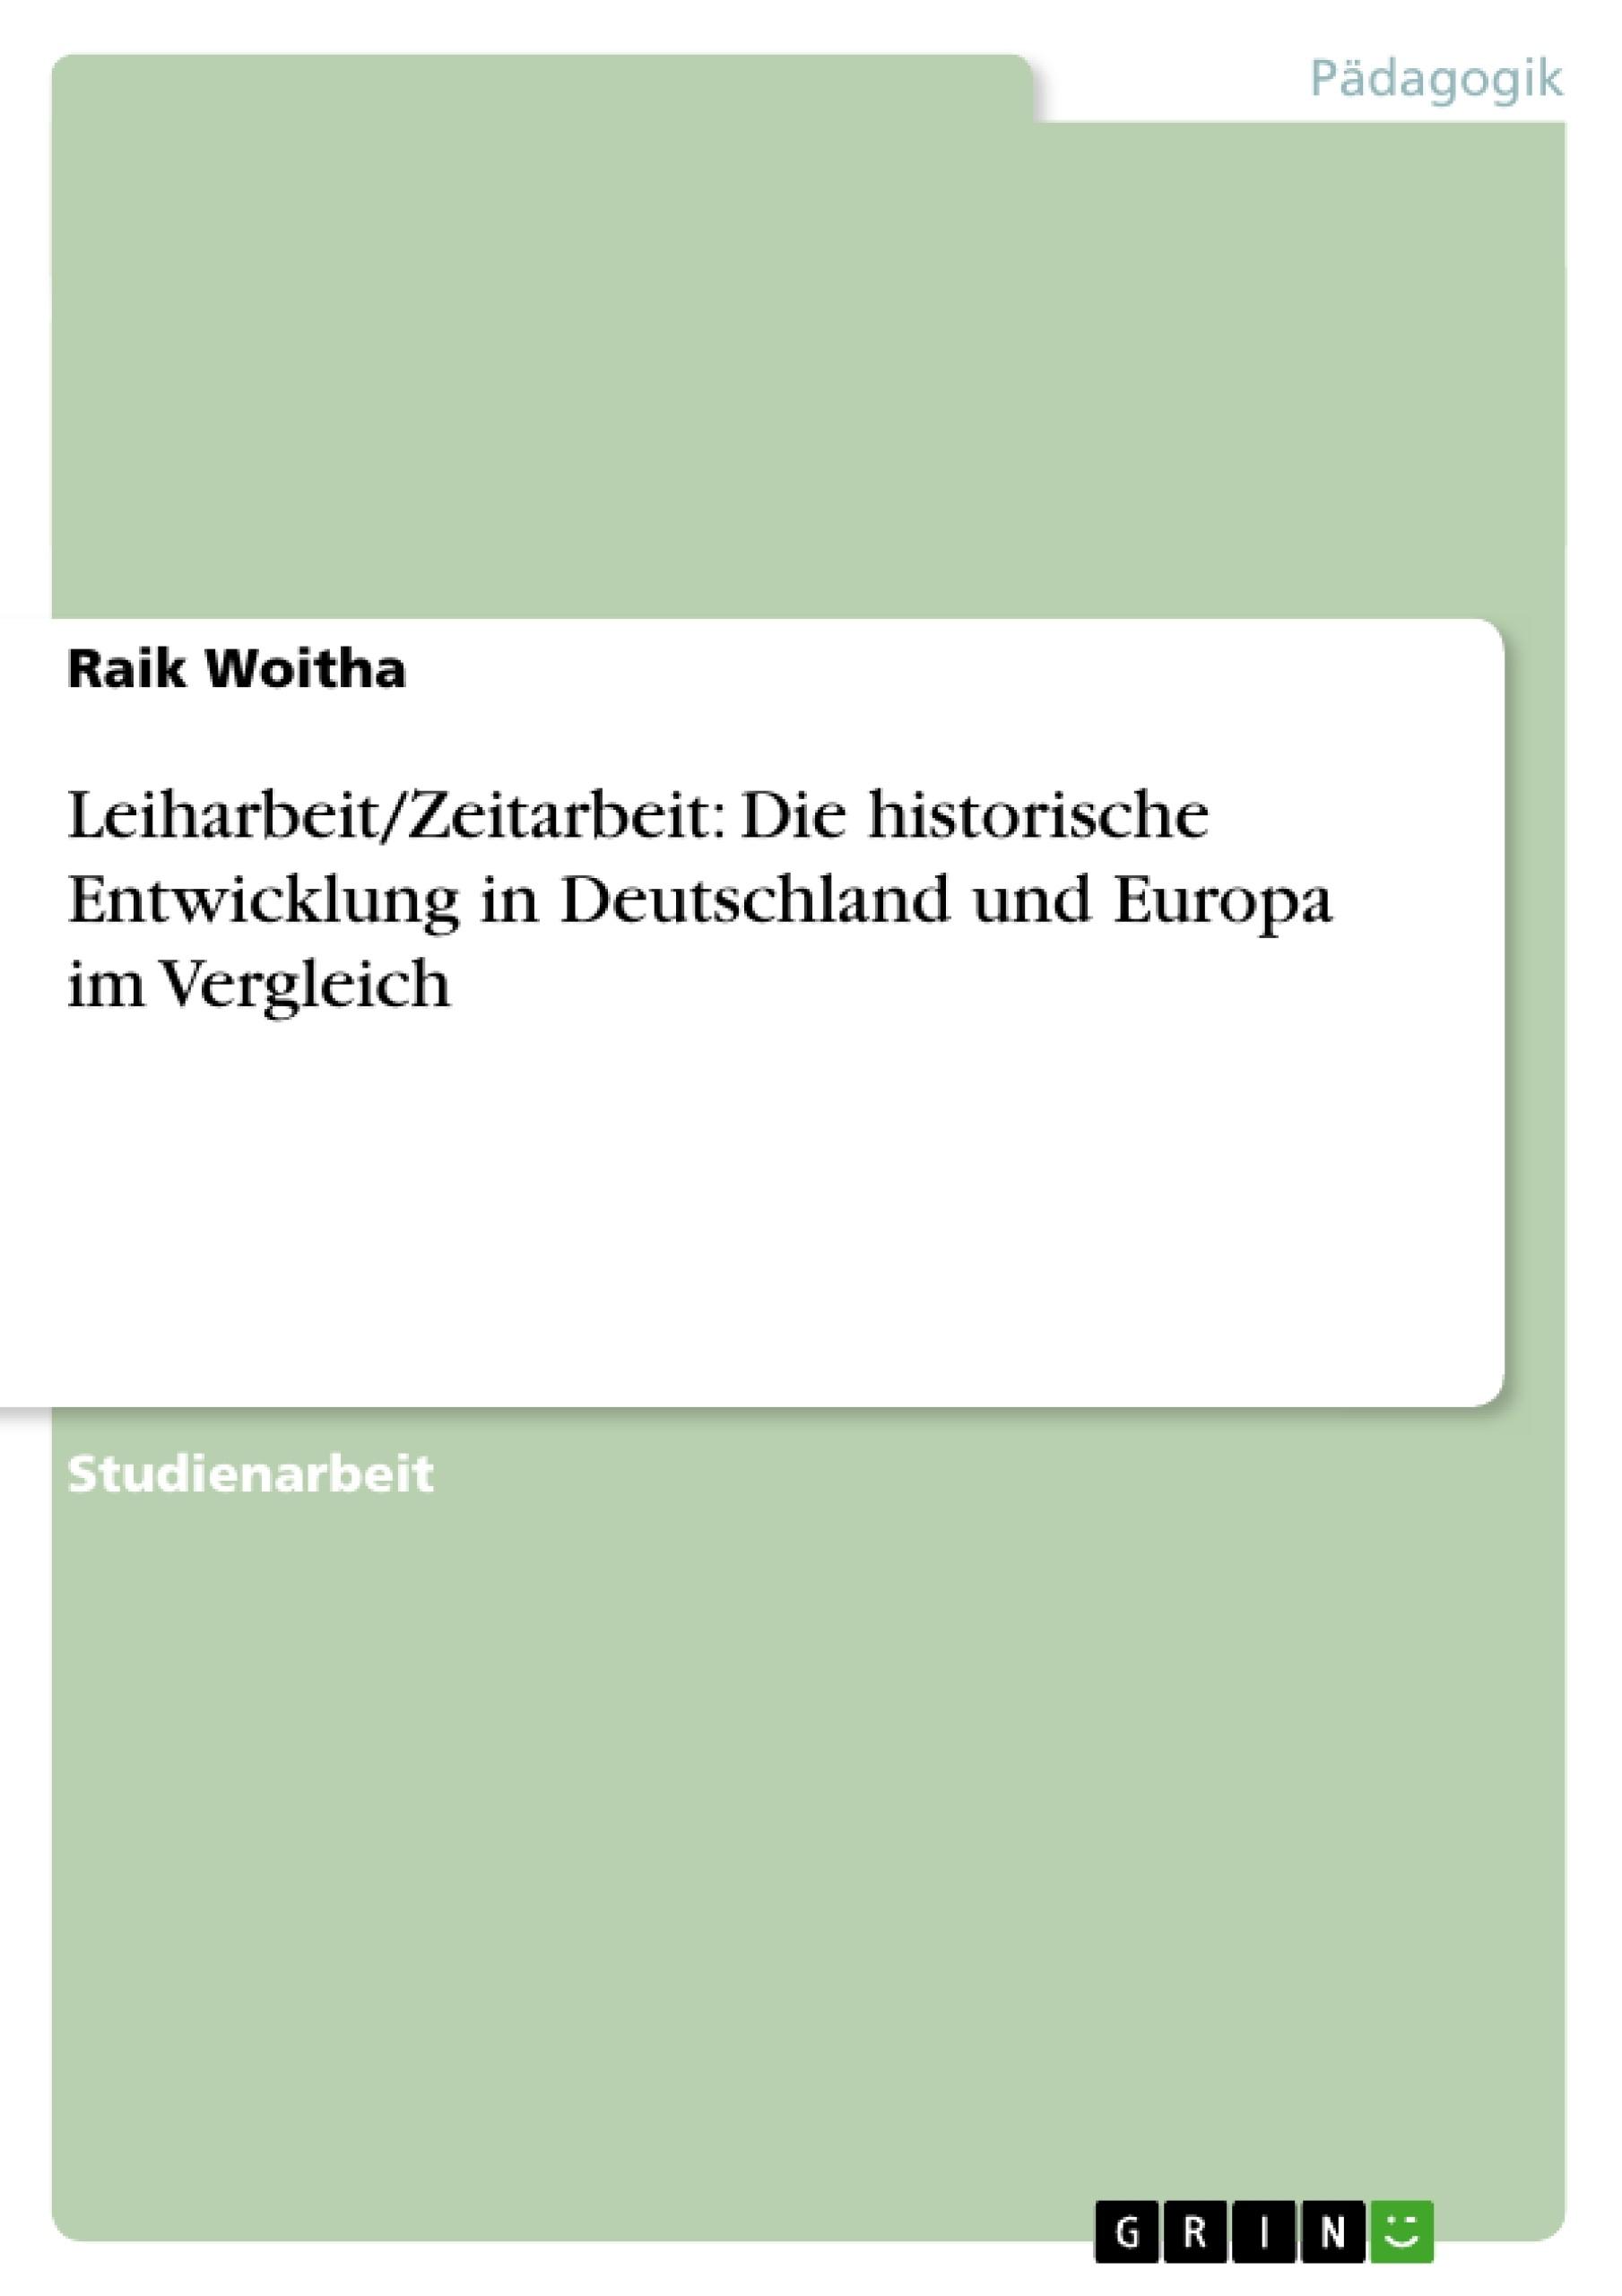 Titel: Leiharbeit/Zeitarbeit: Die historische Entwicklung in Deutschland und Europa im Vergleich